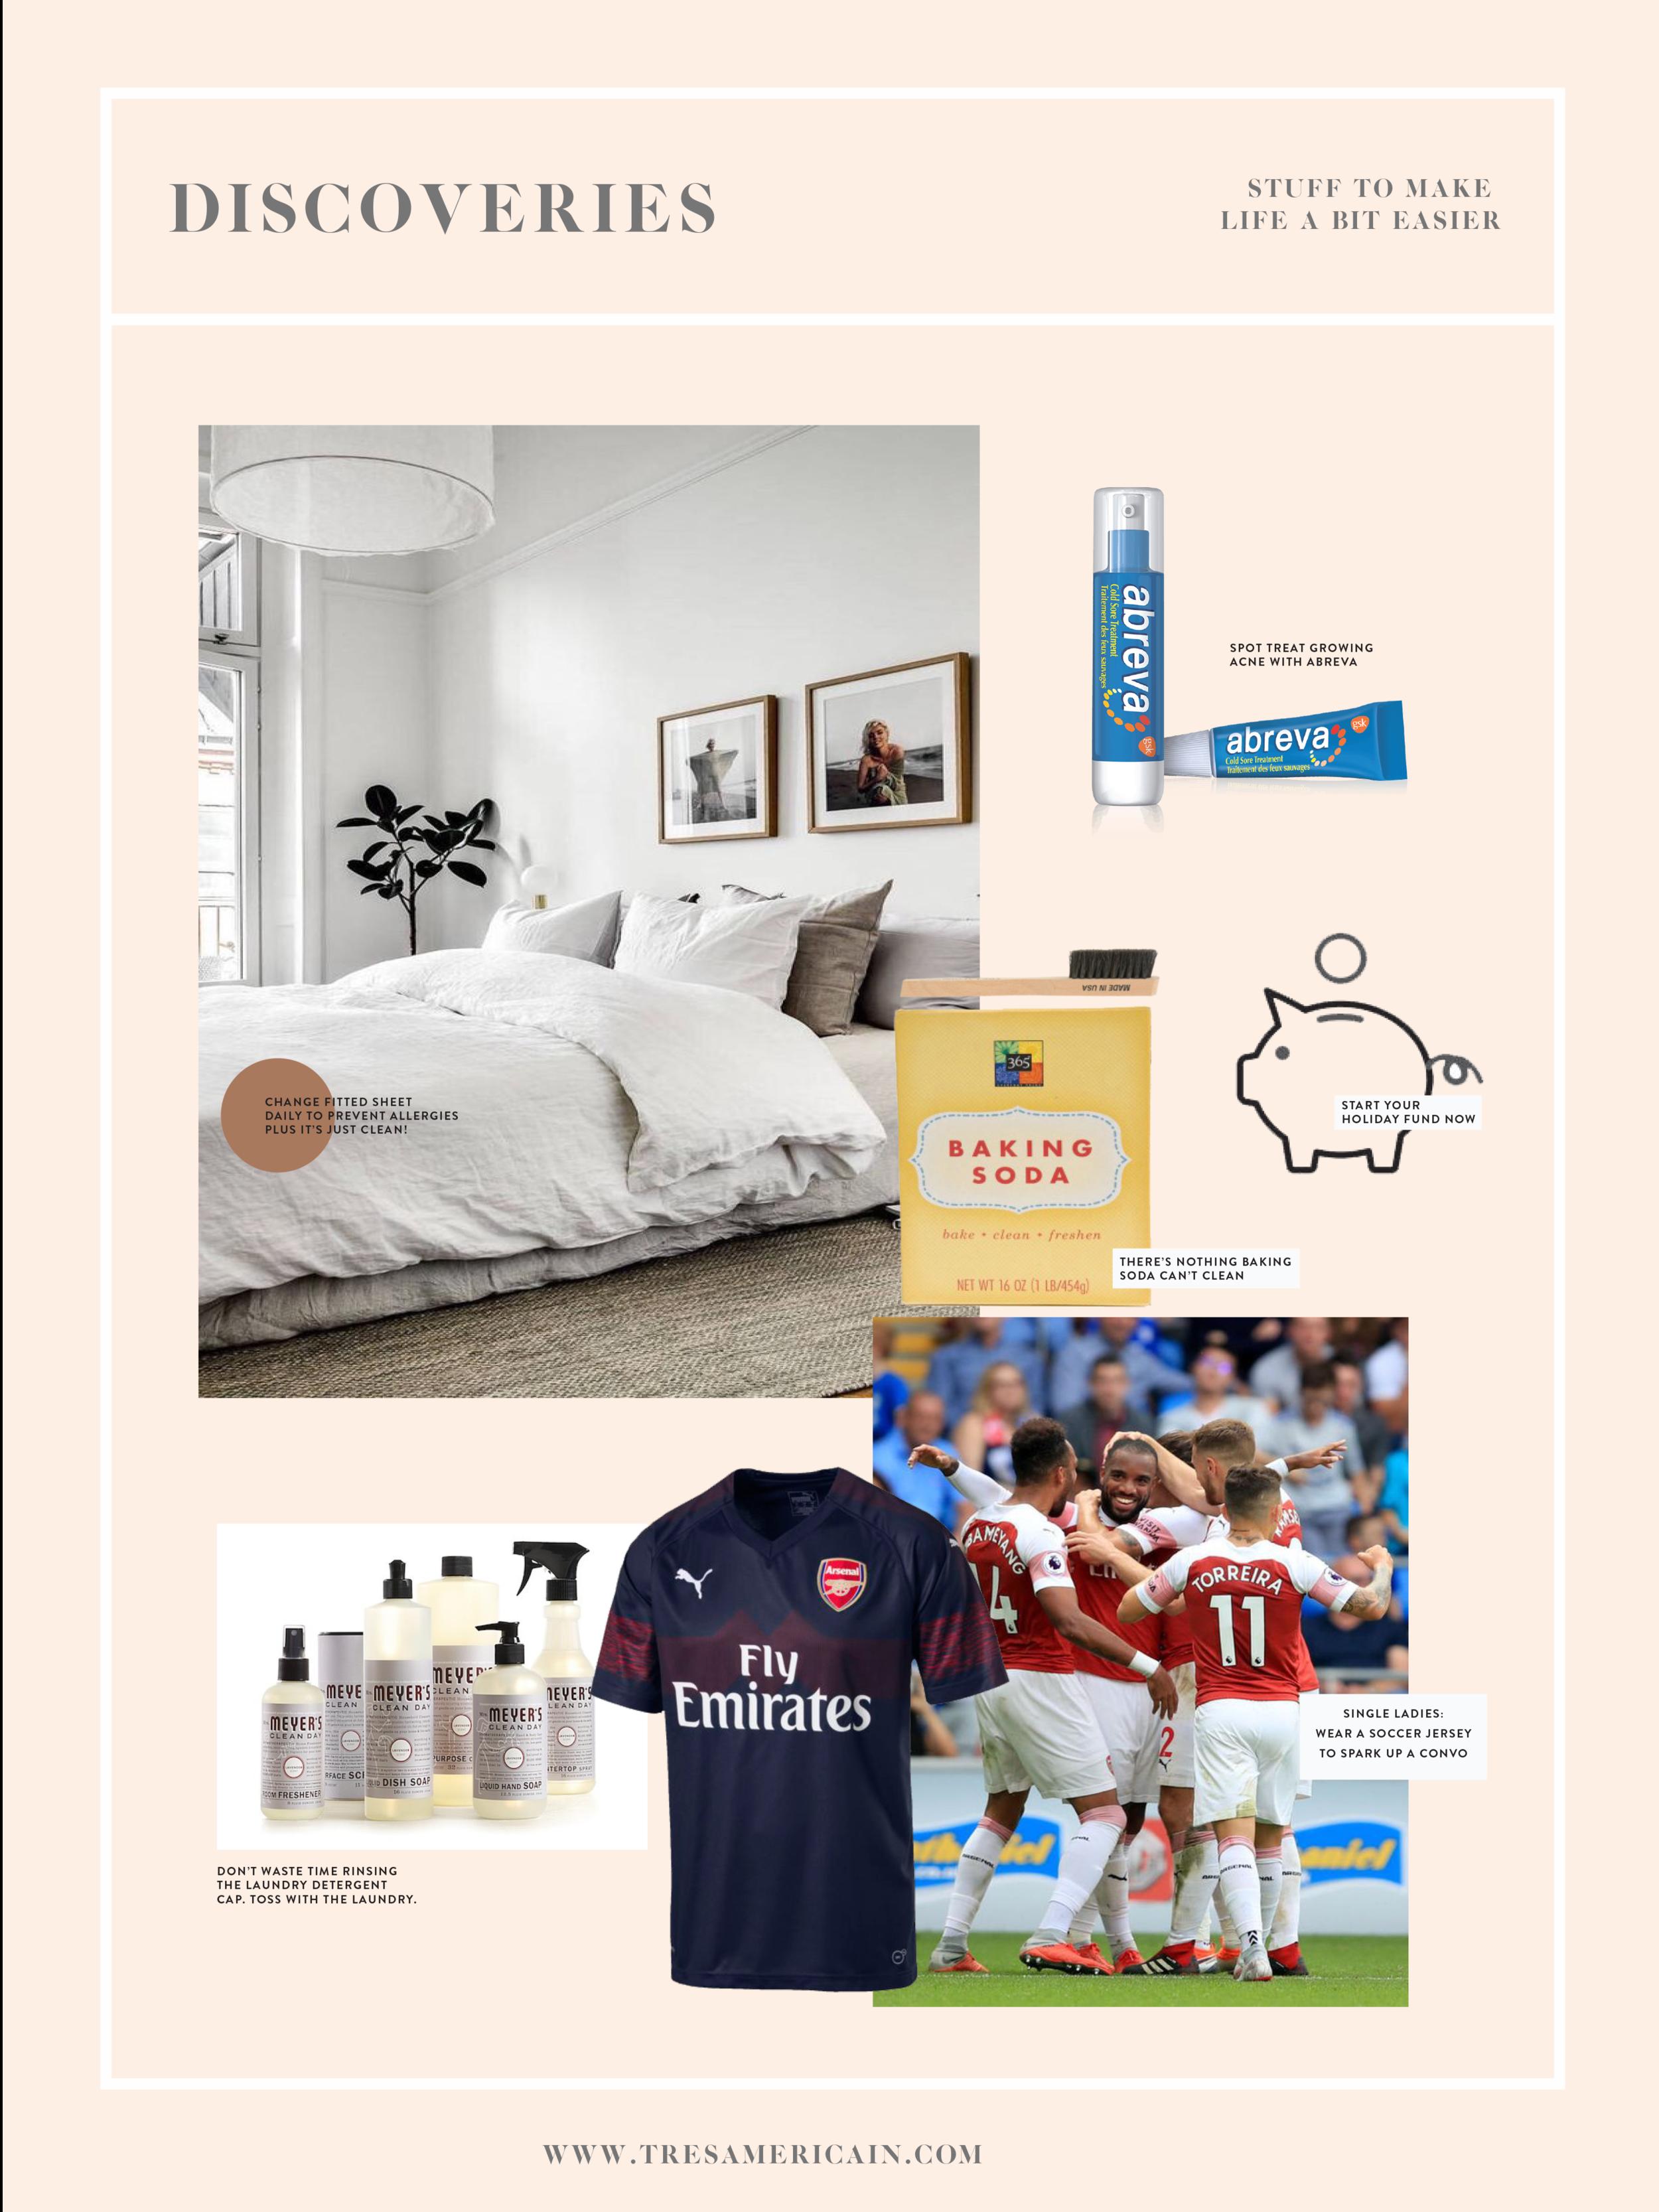 Bedroom image source